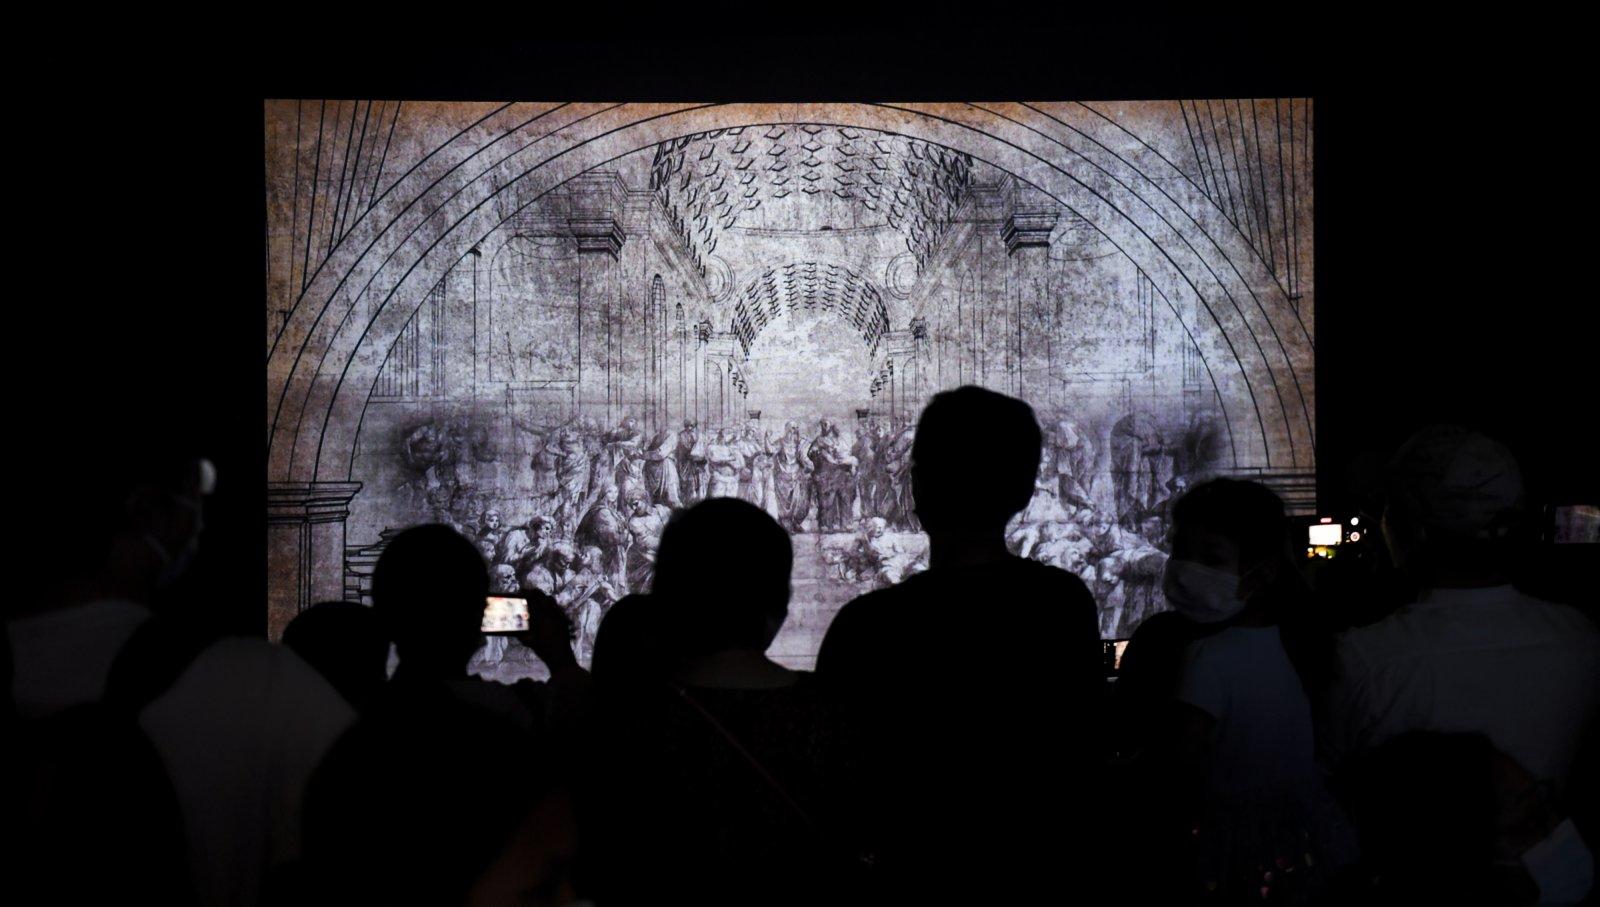 5月3日,觀眾在觀看拉斐爾作品《雅典學院》的數字媒體解析。(新華社)